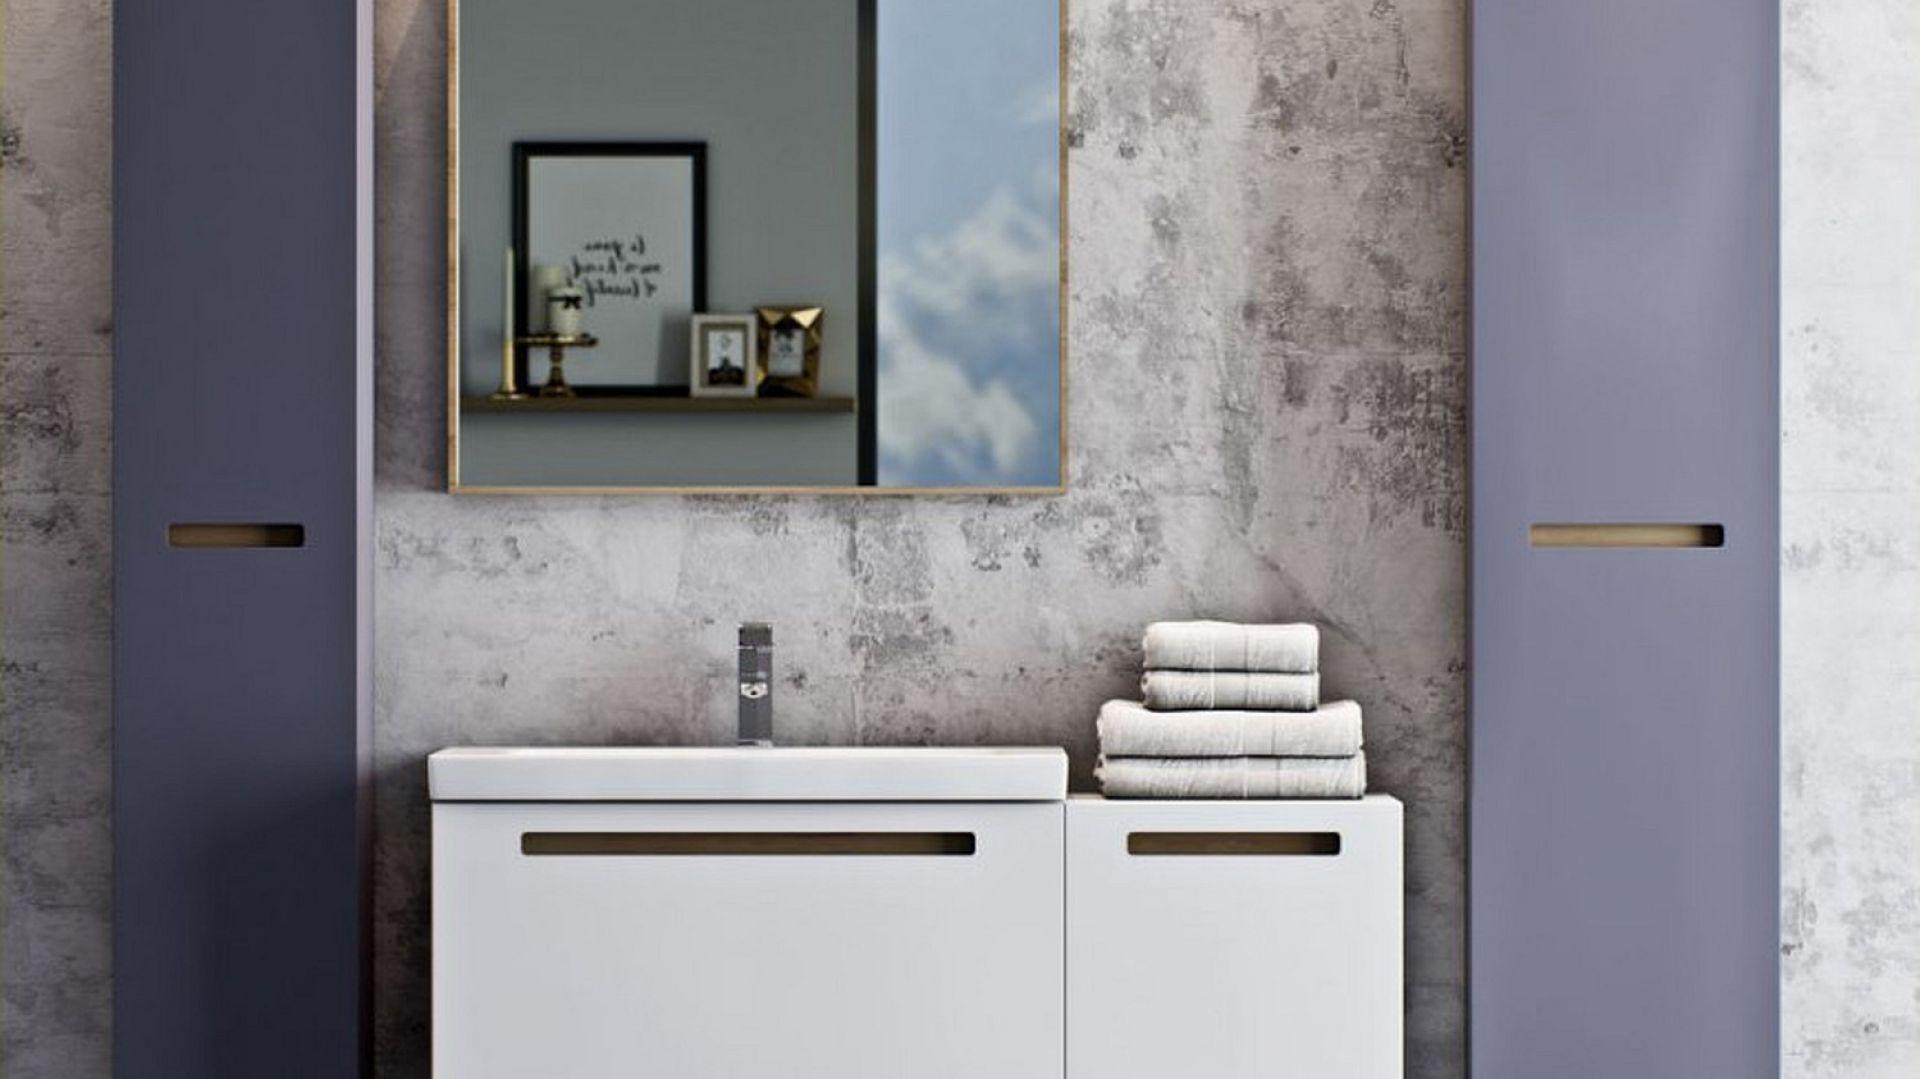 Meble do łazienki z kolekcji Senso marki Defra. Fot. Defra